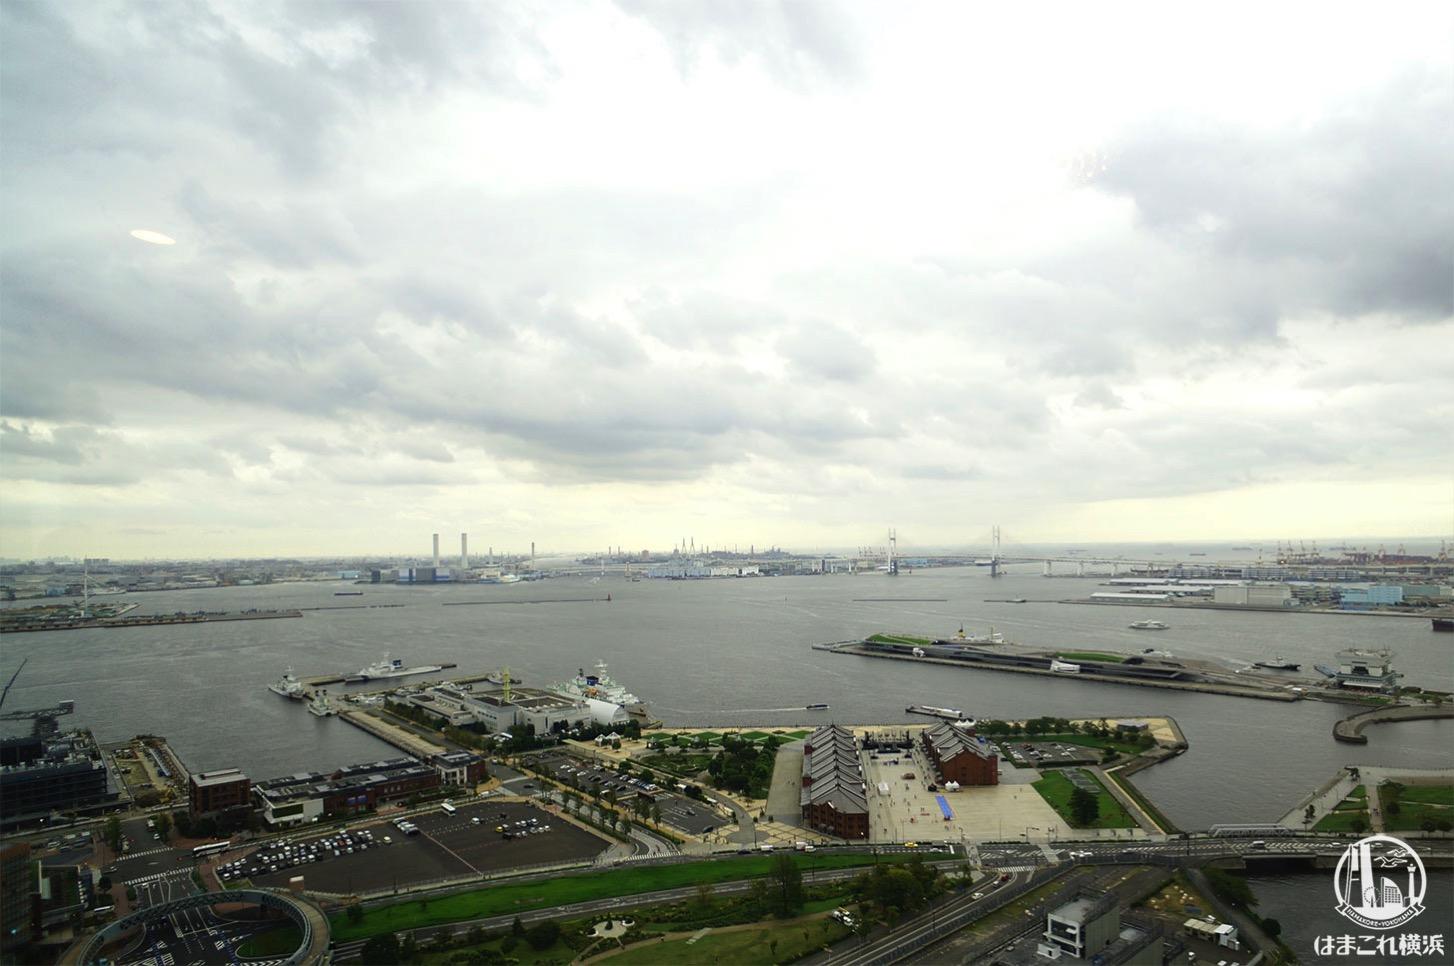 アパホテル&リゾート 横浜ベイタワー「コーナーツインルーム(ベイブリッジ側)」から見た横浜ベイブリッジ